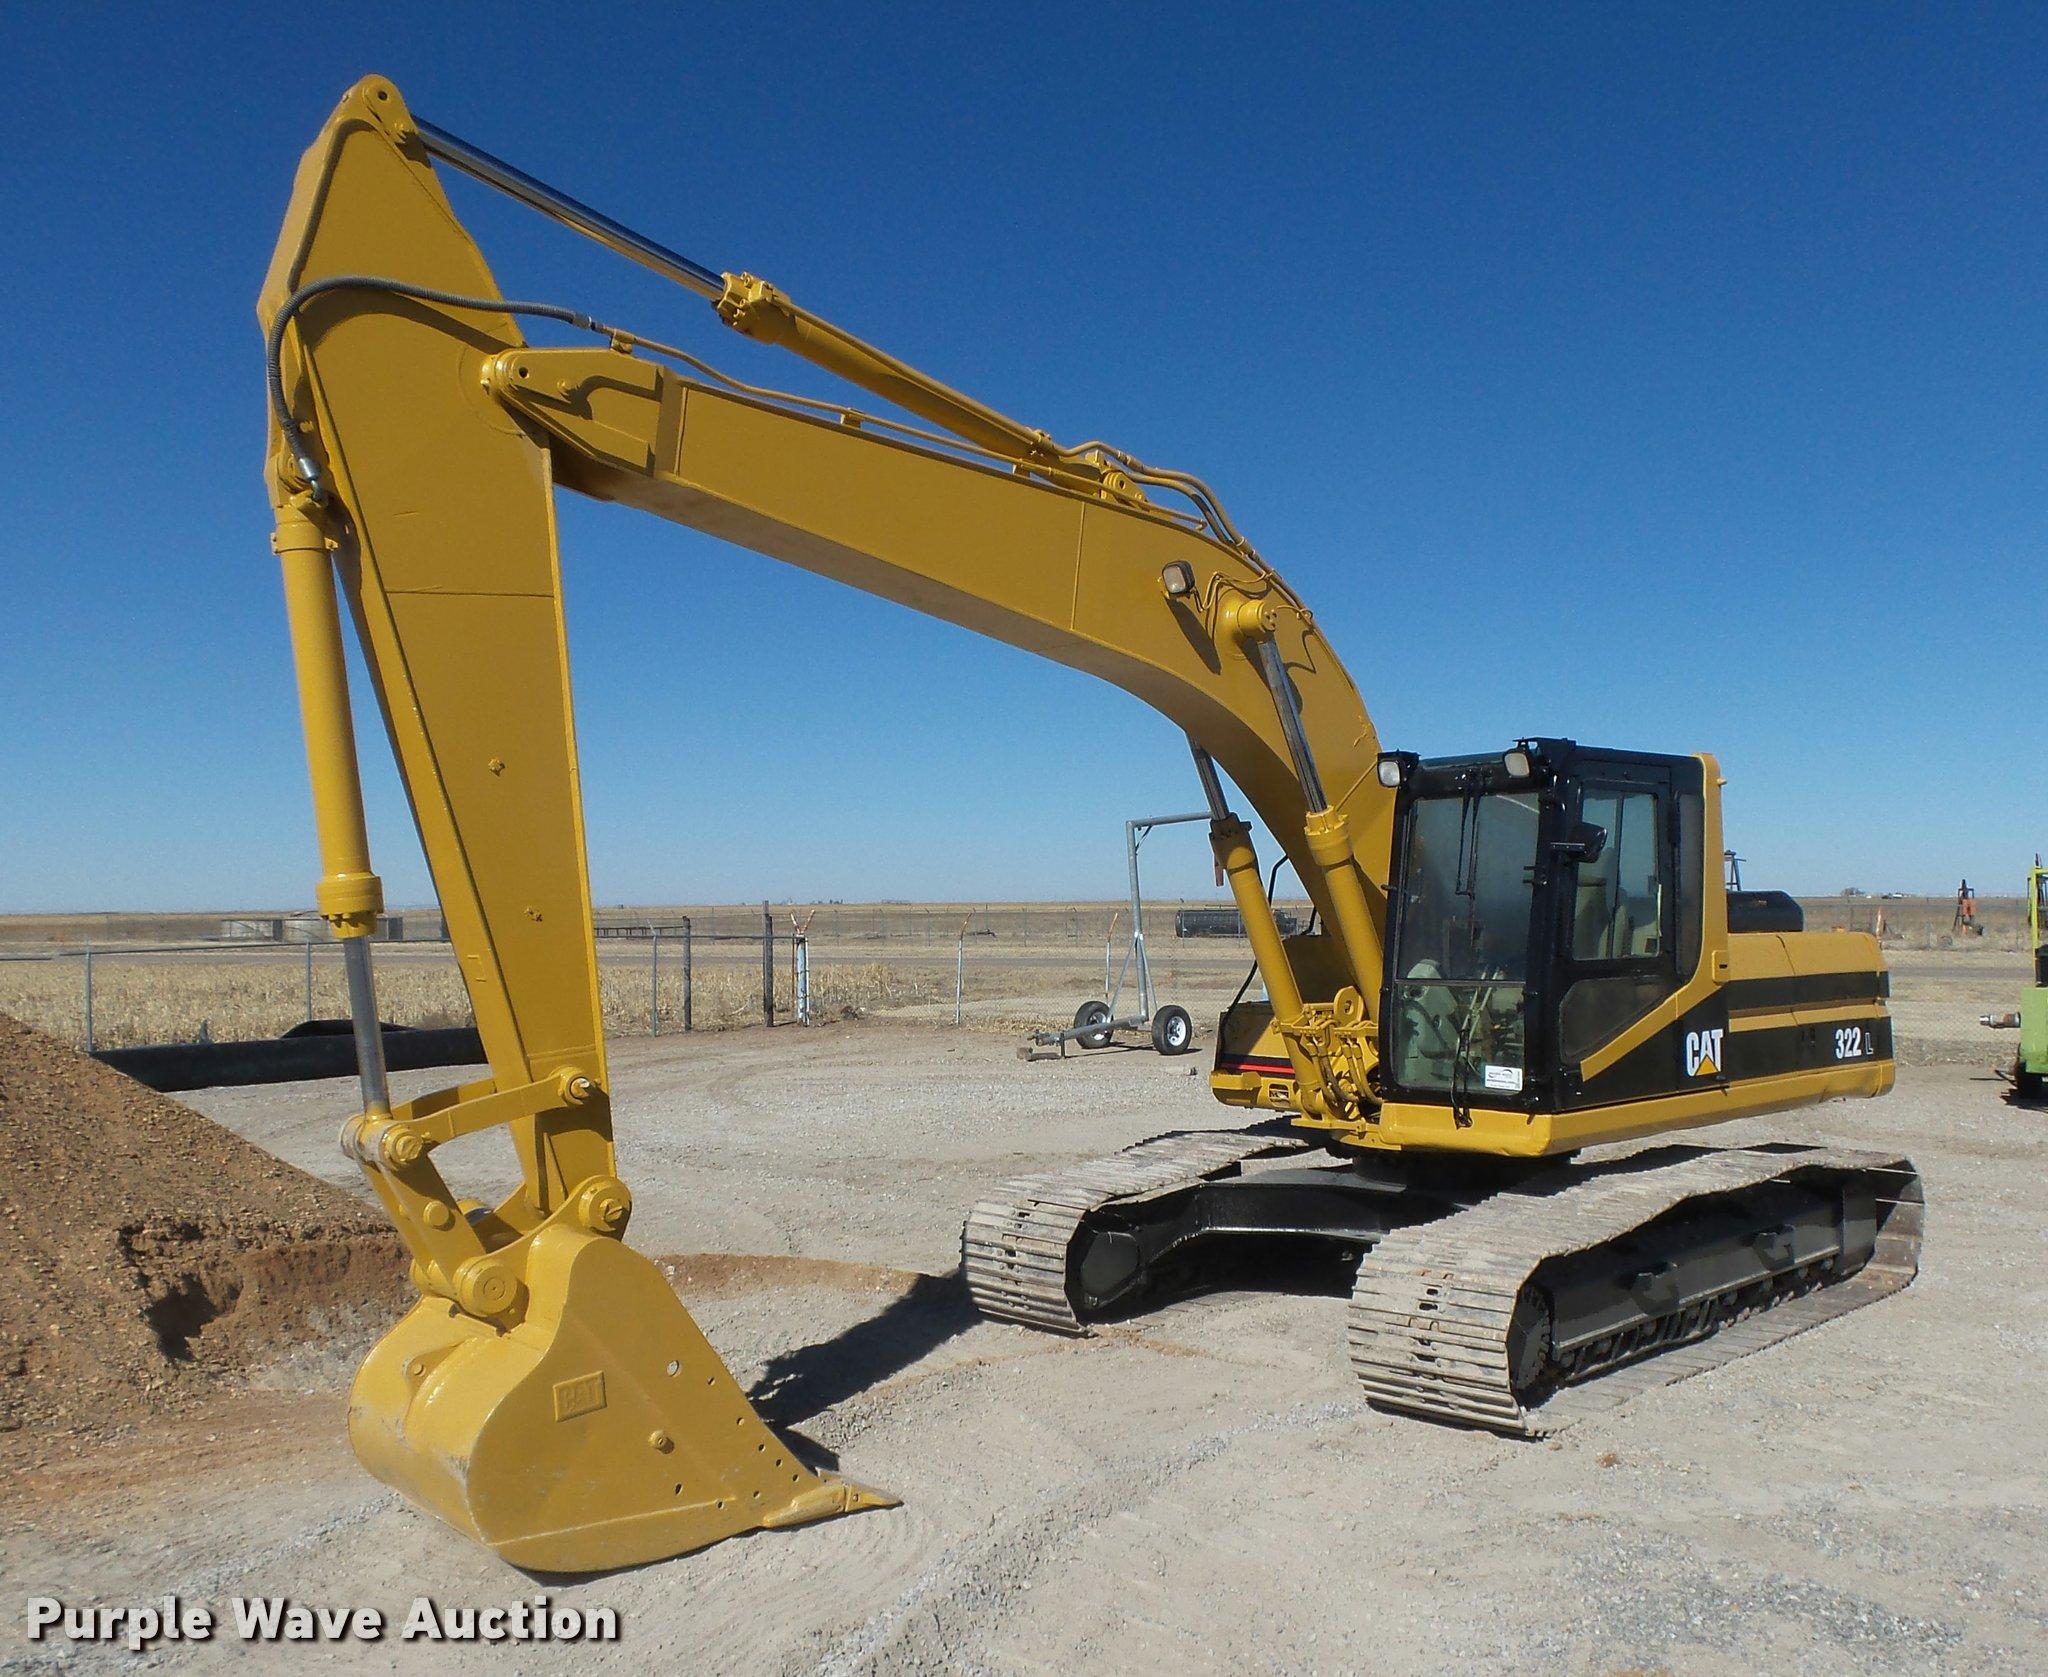 1996 Caterpillar 322 L excavator | Item DB1922 | SOLD! March